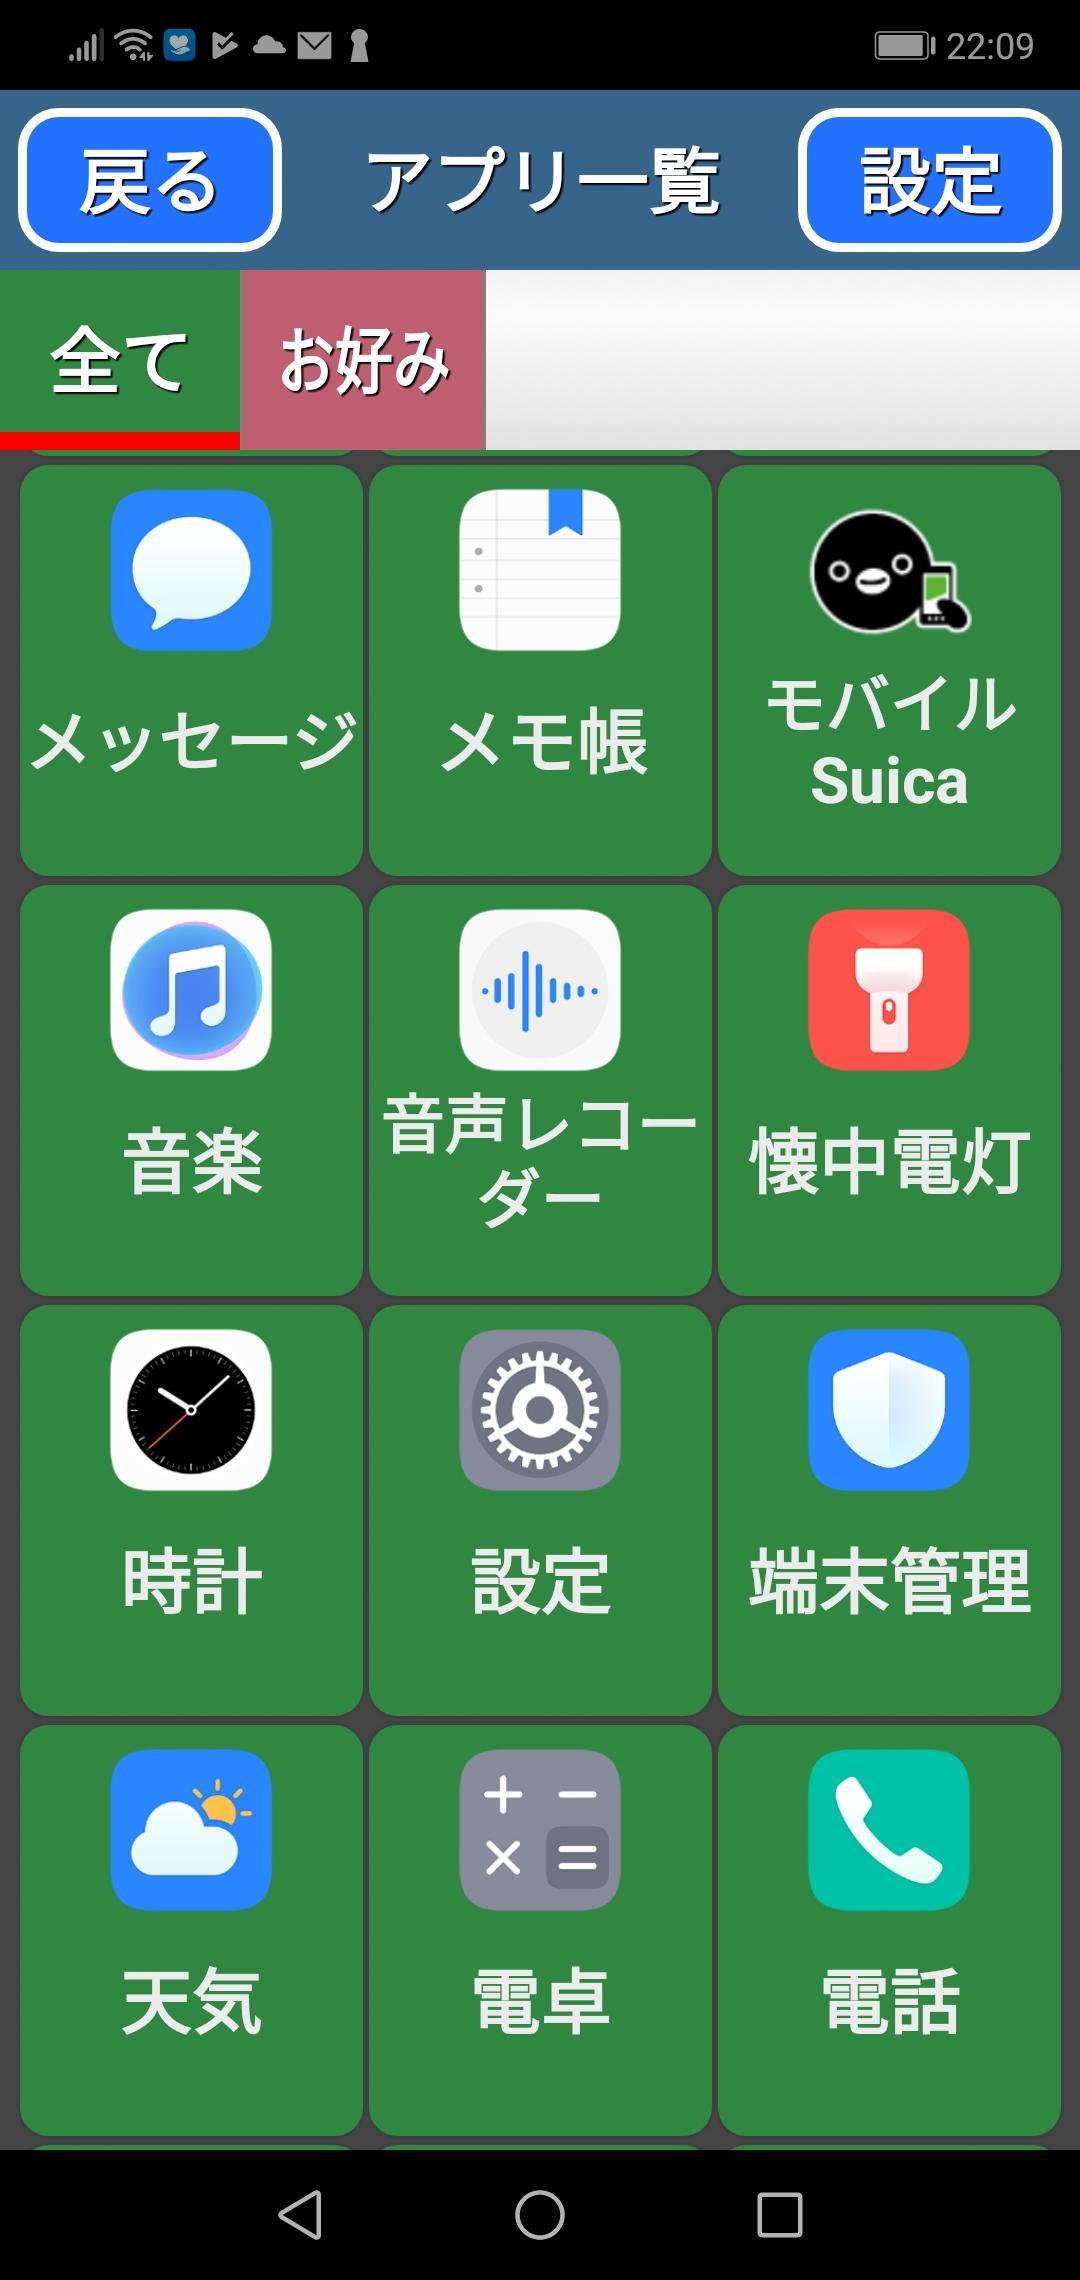 カンタン!アプリのホーム画面